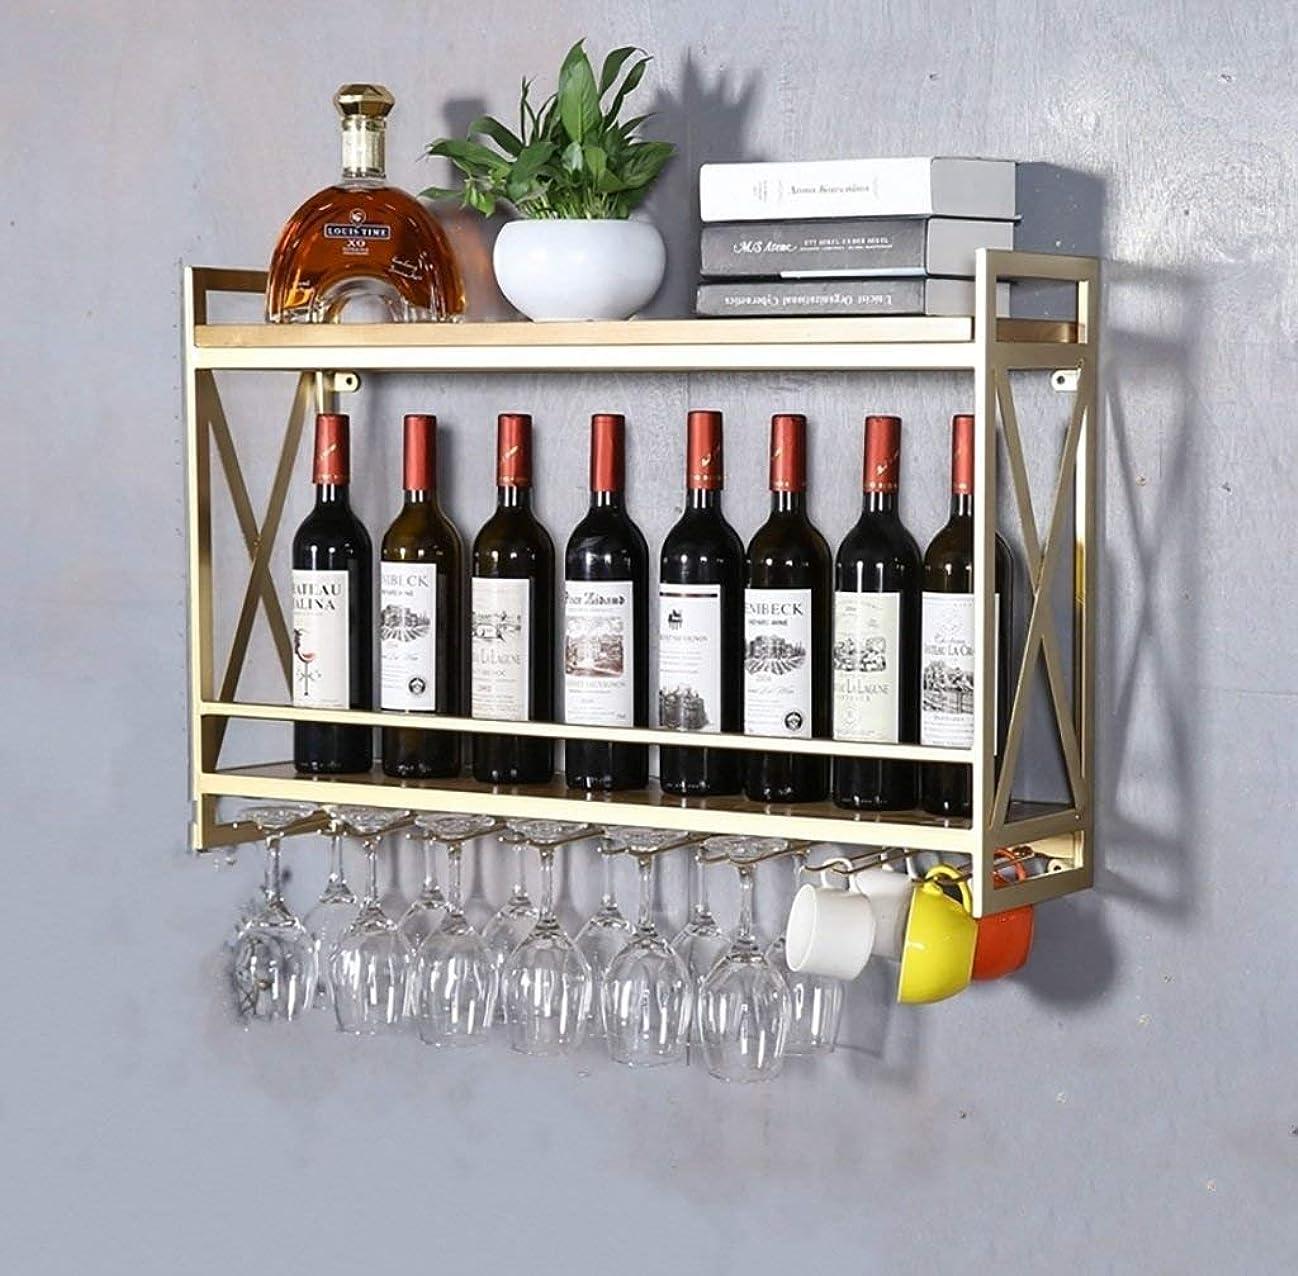 トランザクションアルファベットあらゆる種類のヨーロッパ風錬鉄製ワインセラー壁掛けワインラック創作レストラン装飾装飾無垢材ワインラック家庭用ラック (サイズ さいず : 80x20x52cm)